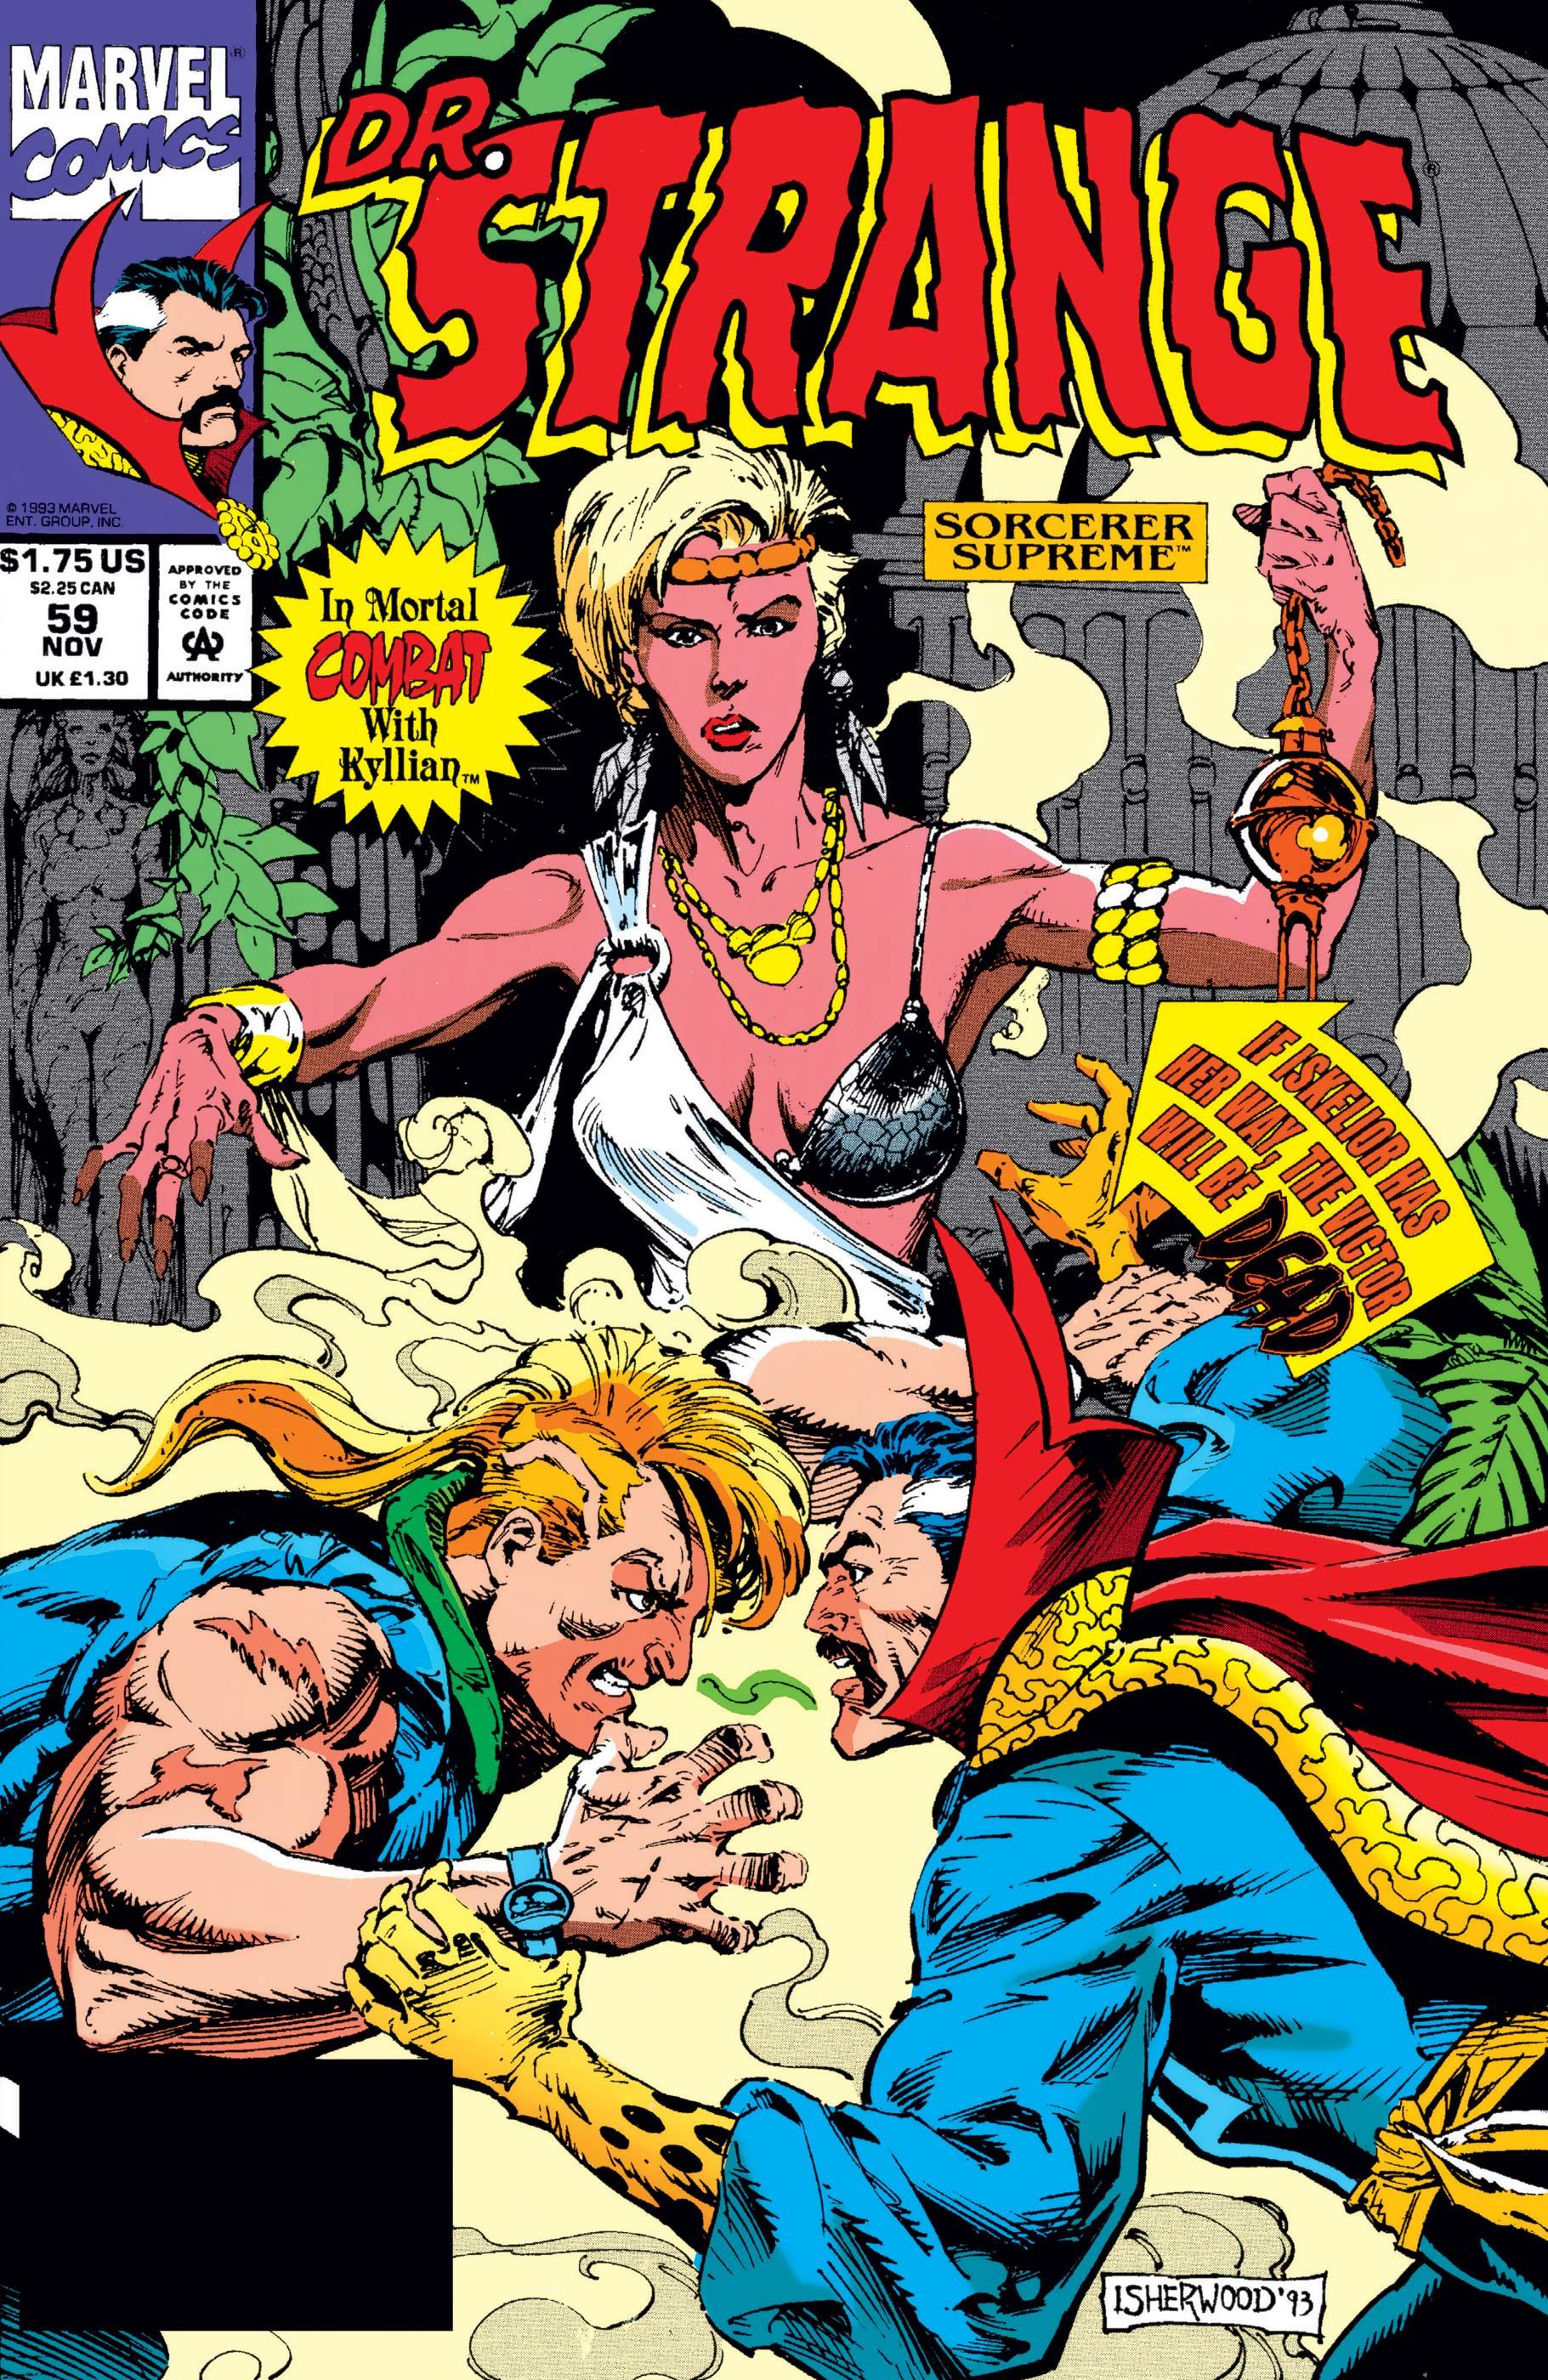 1993 Geof Isherwood Doctor Strange Sorcerer Supreme No.58